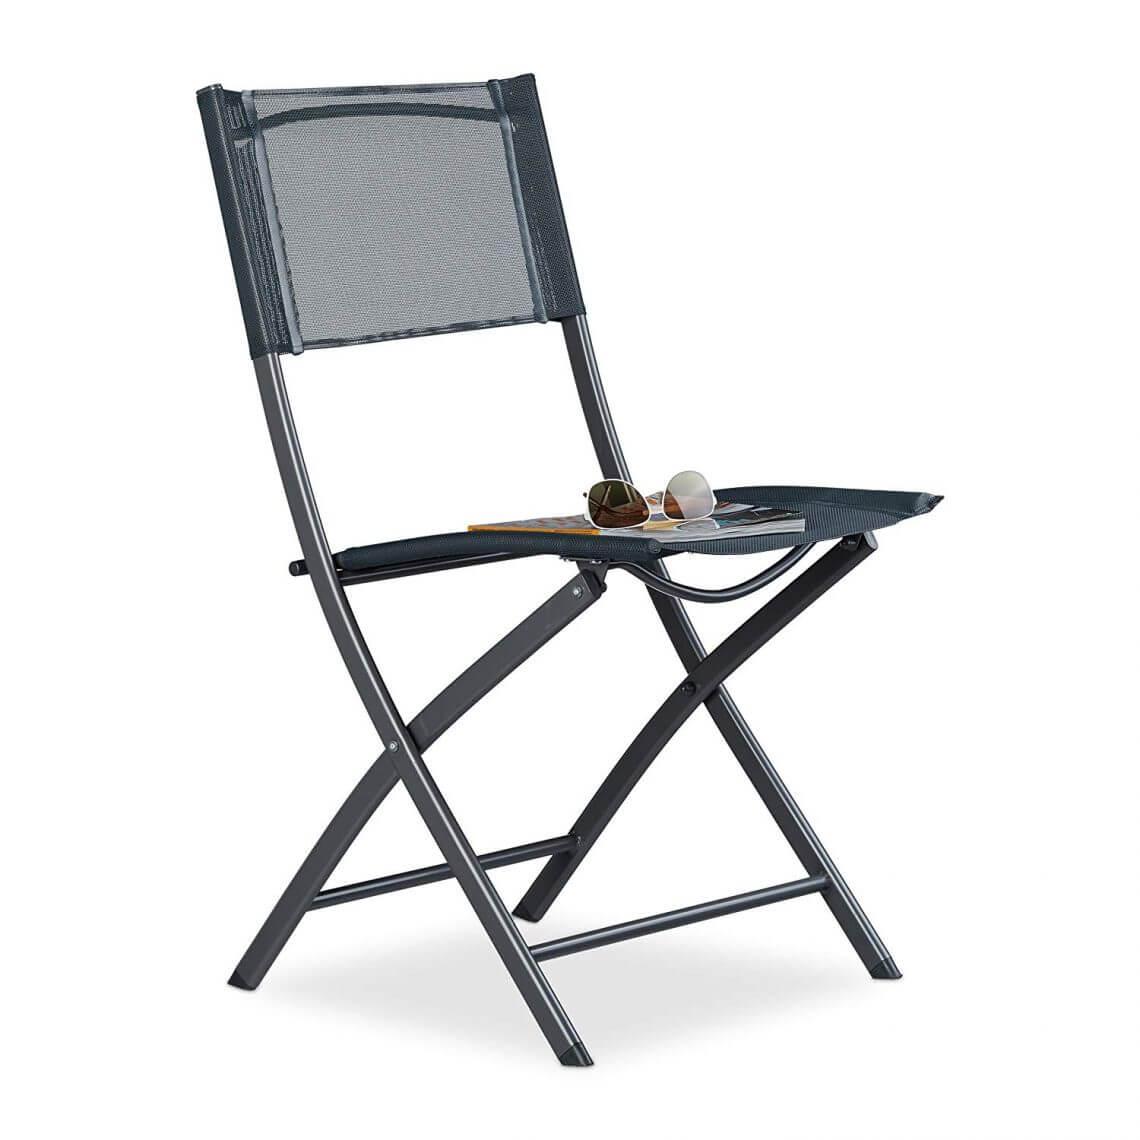 Les 5 plus belles chaises pliantes Guide shopping avec